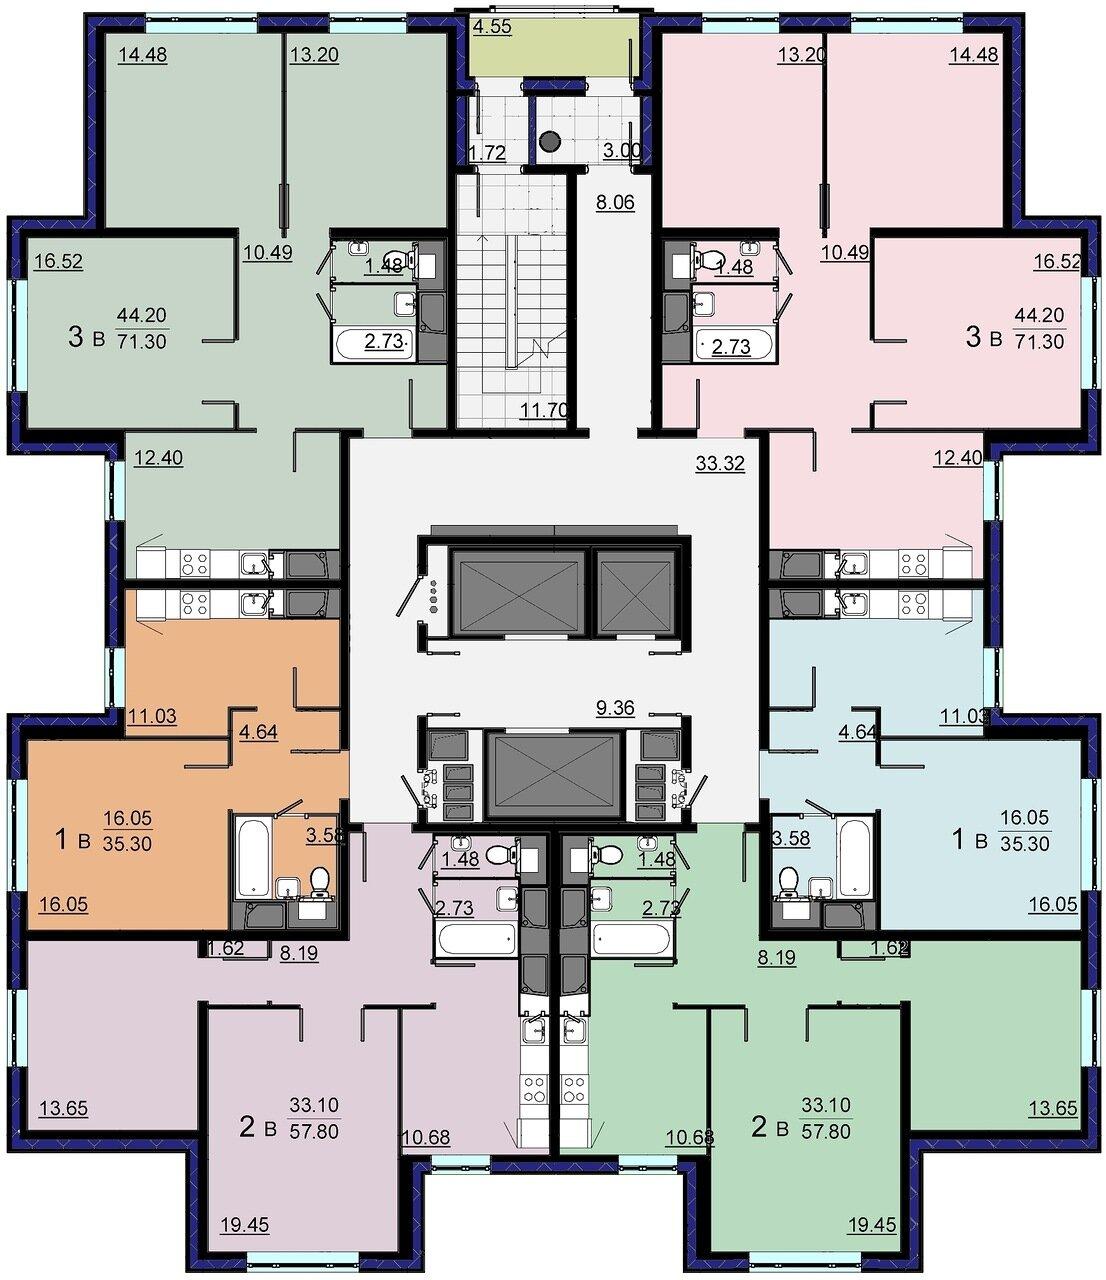 Дом серии и155 7 подъездов, 19 этажей